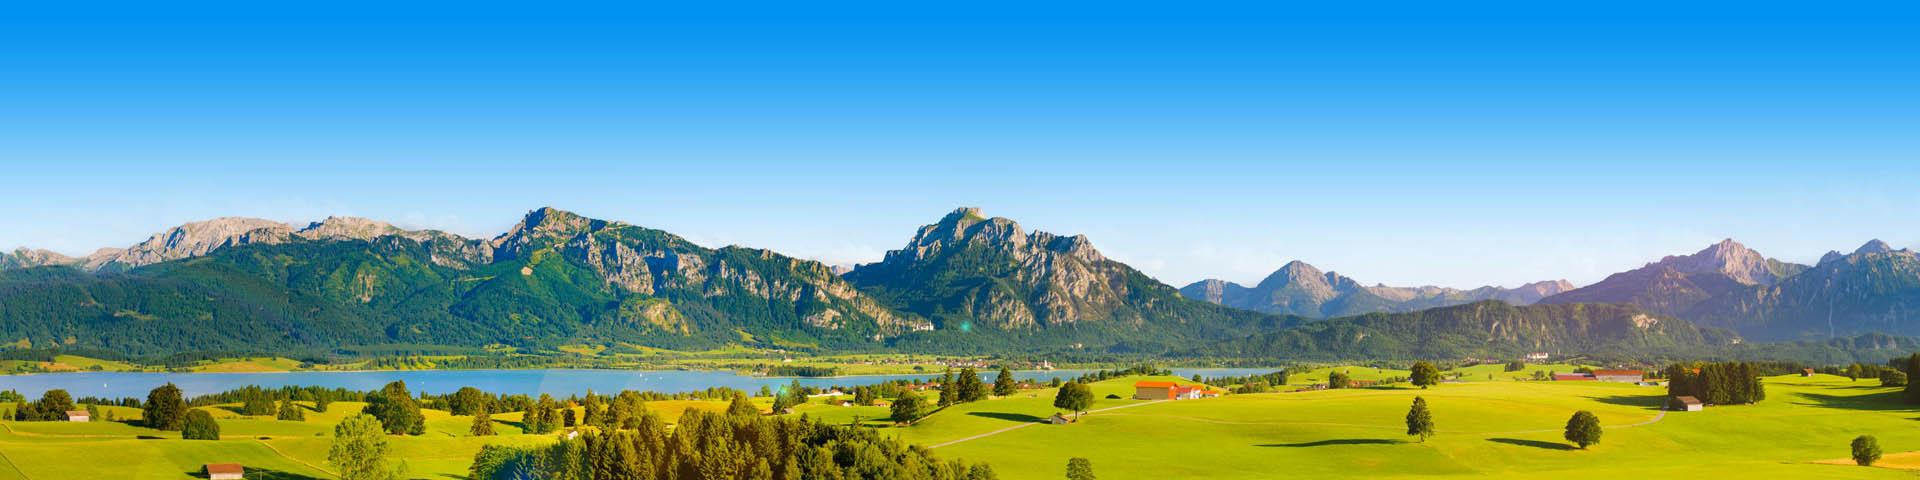 Prachtig groen landschap met een meertje in Duitsland.